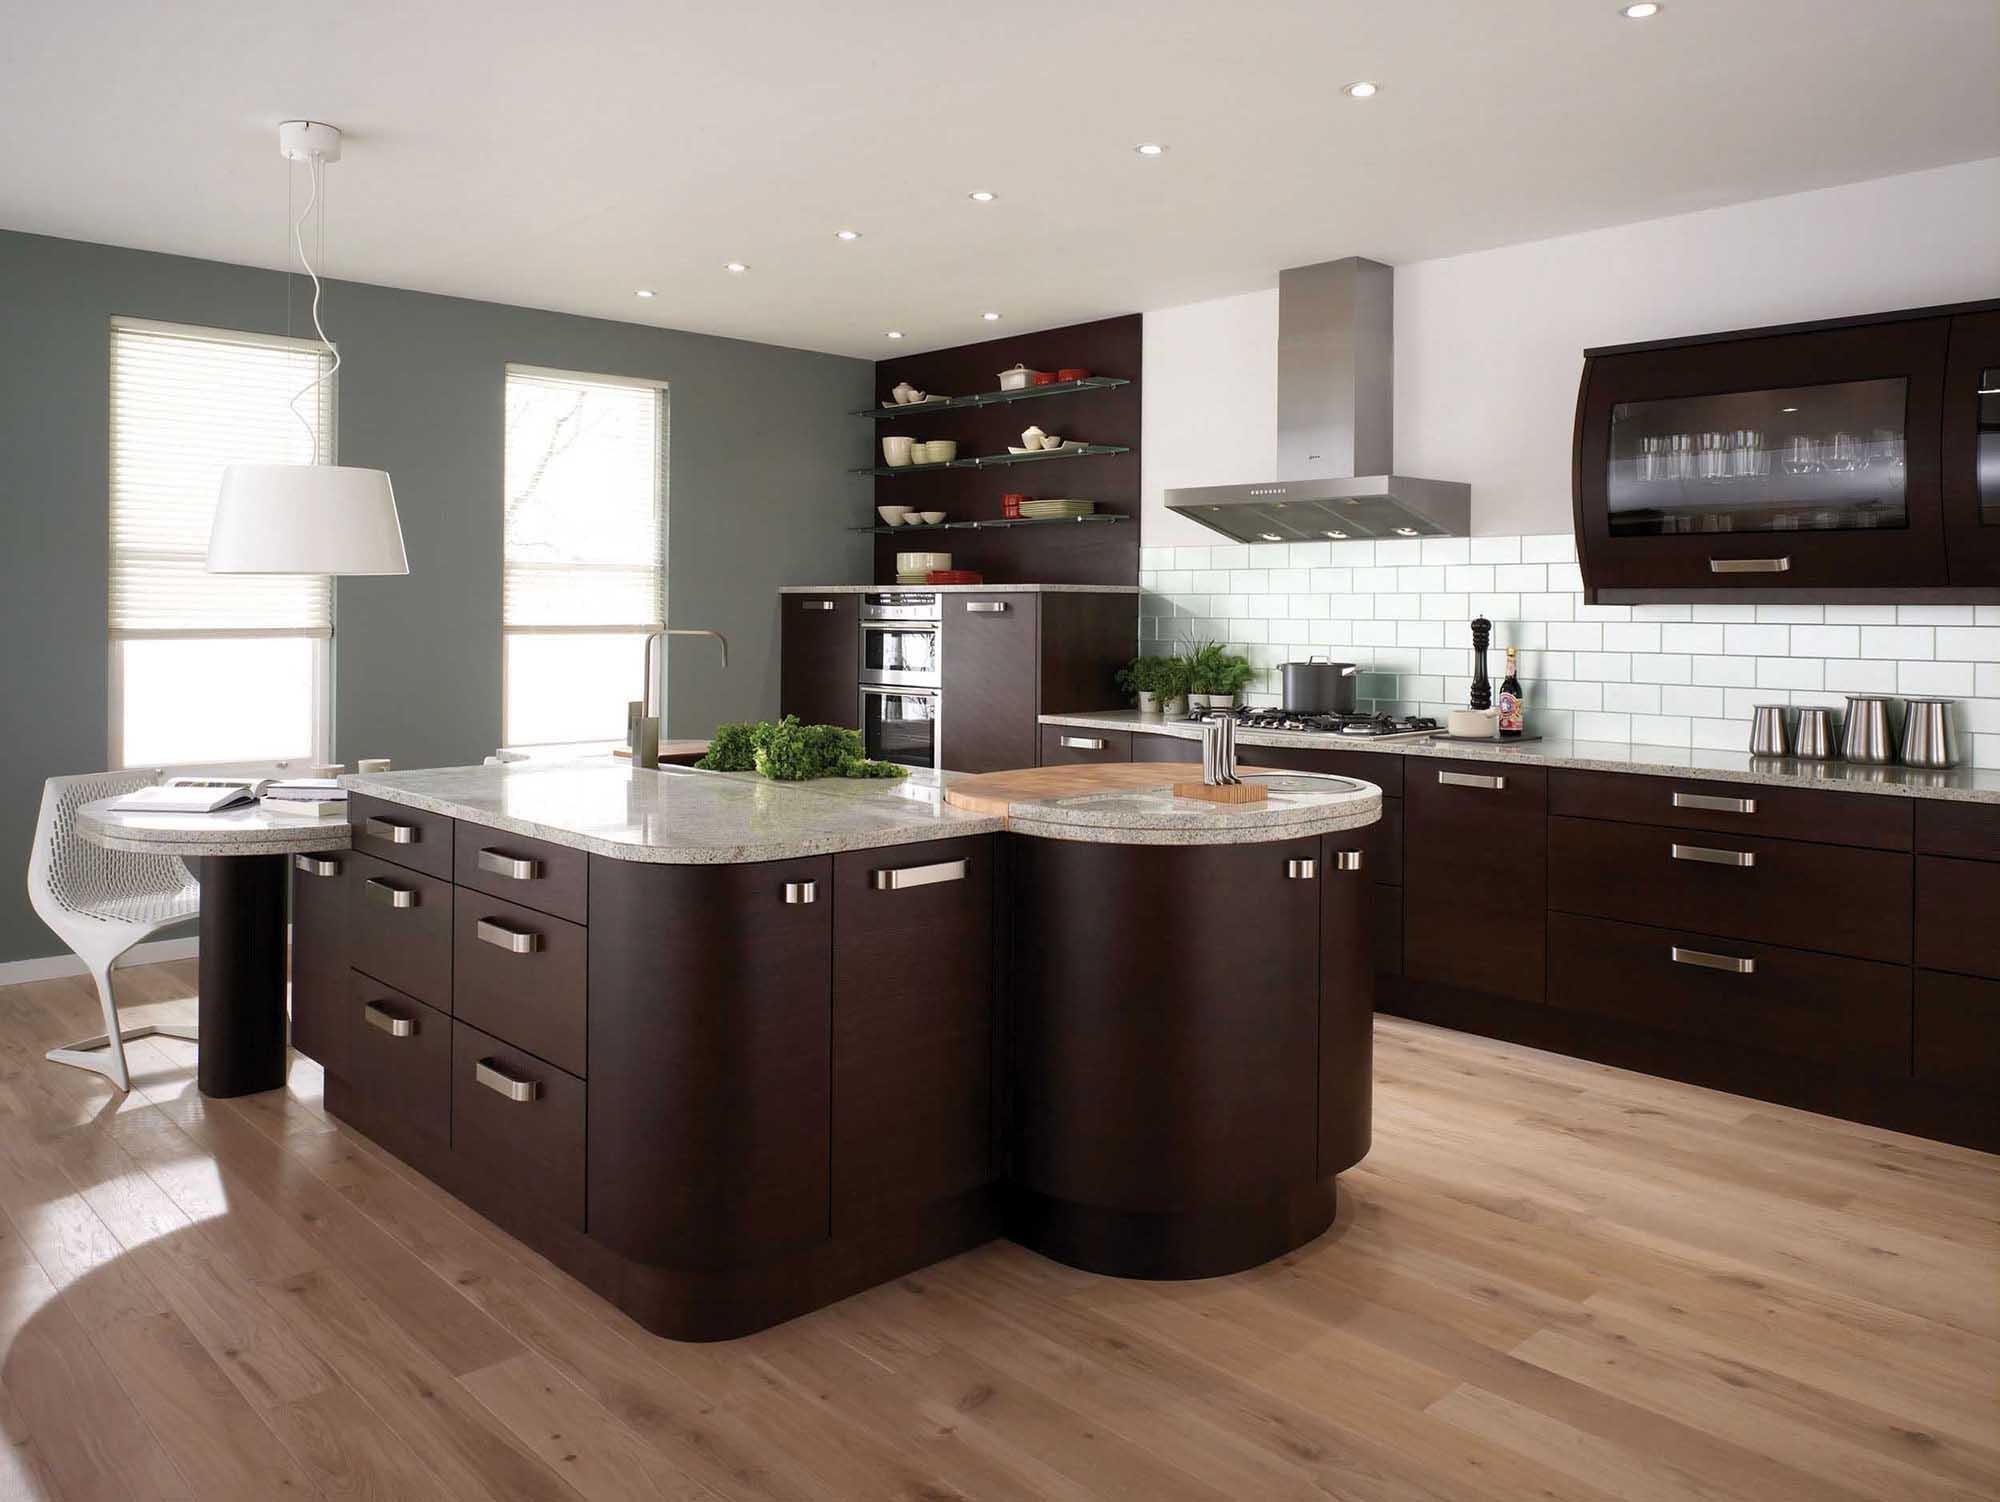 Кухонный гарнитур с островом в стиле модерн